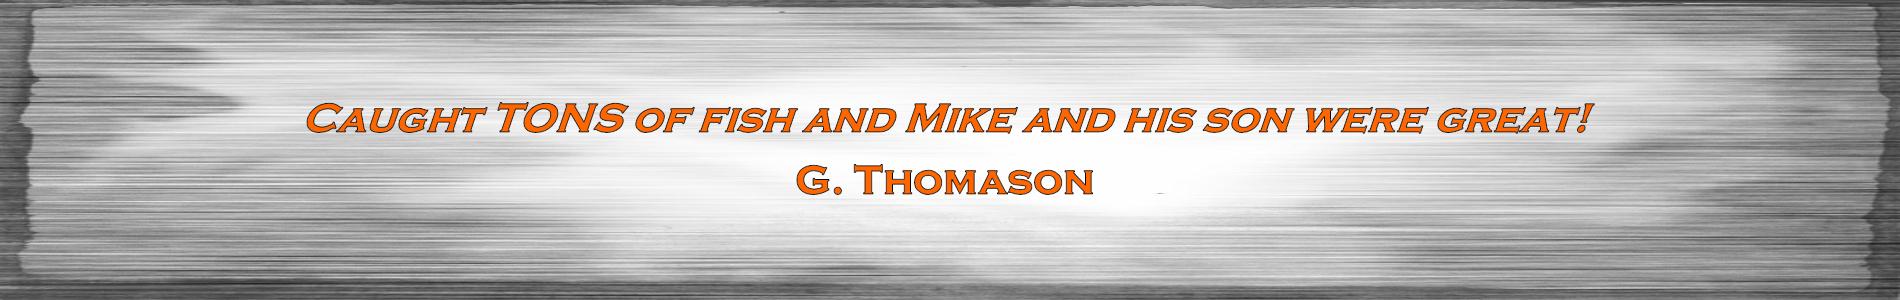 Thomason_Testimonial